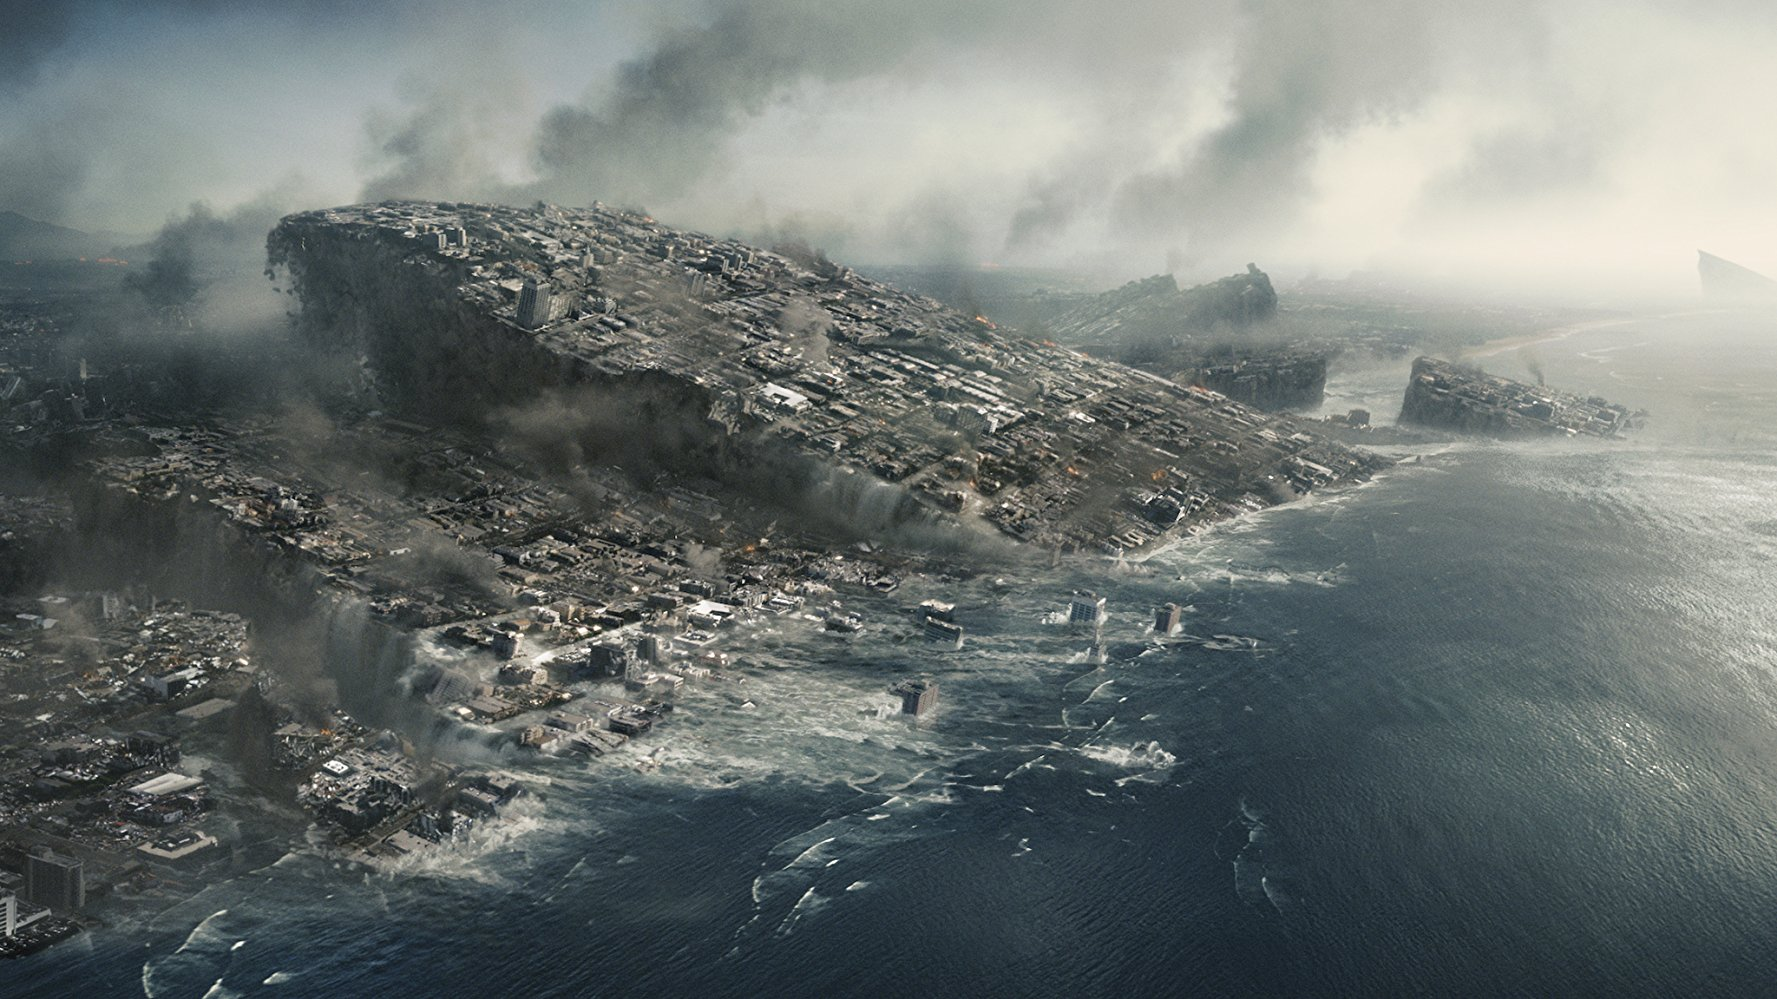 5 bộ phim thảm họa tận thế khiến khán giả sợ hãi vì quá tàn khốc